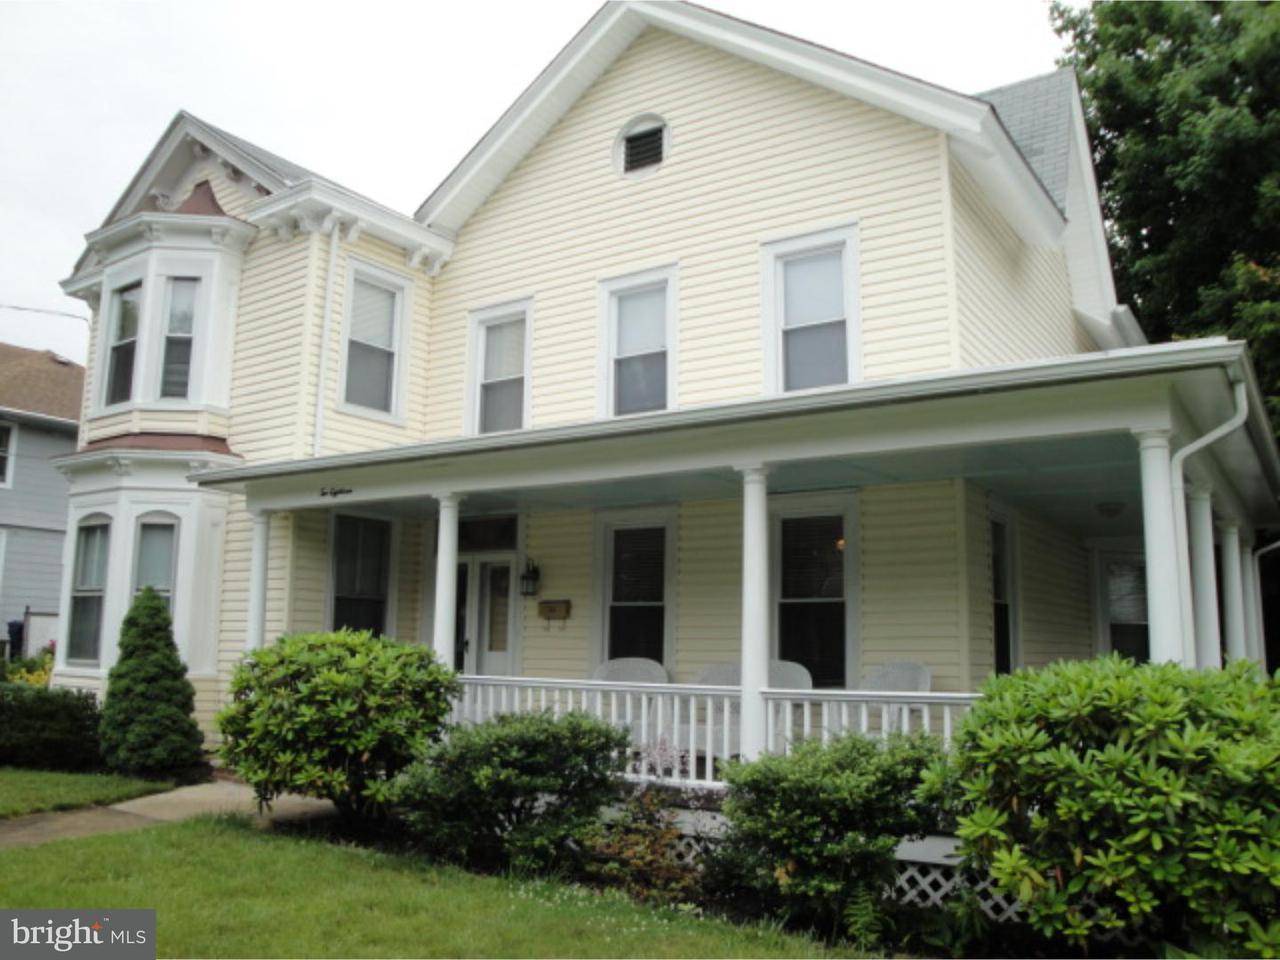 独户住宅 为 出租 在 218 MORRISON Avenue Hightstown, 新泽西州 08520 美国在/周边: Hightstown Borough